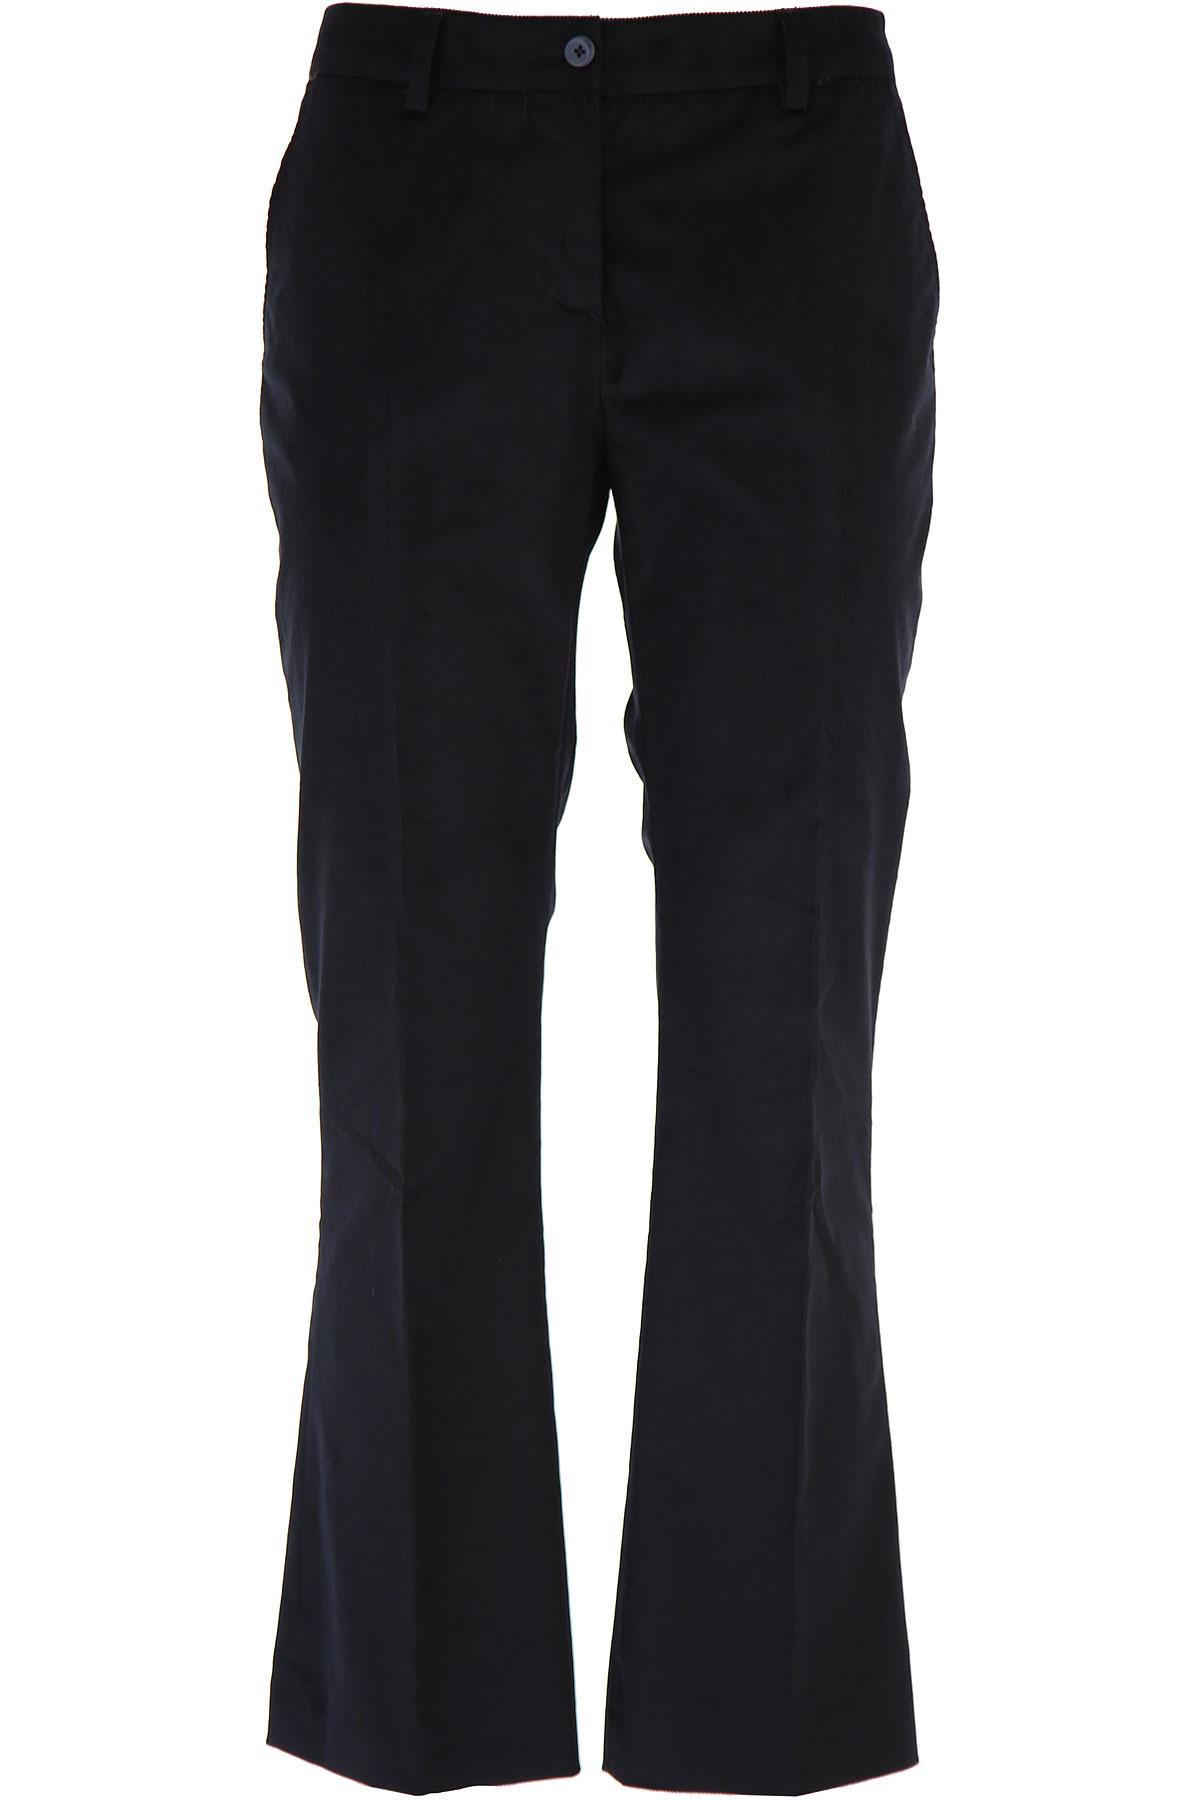 PT01 Pants for Women On Sale, Black, Cotton, 2019, 26 28 30 32